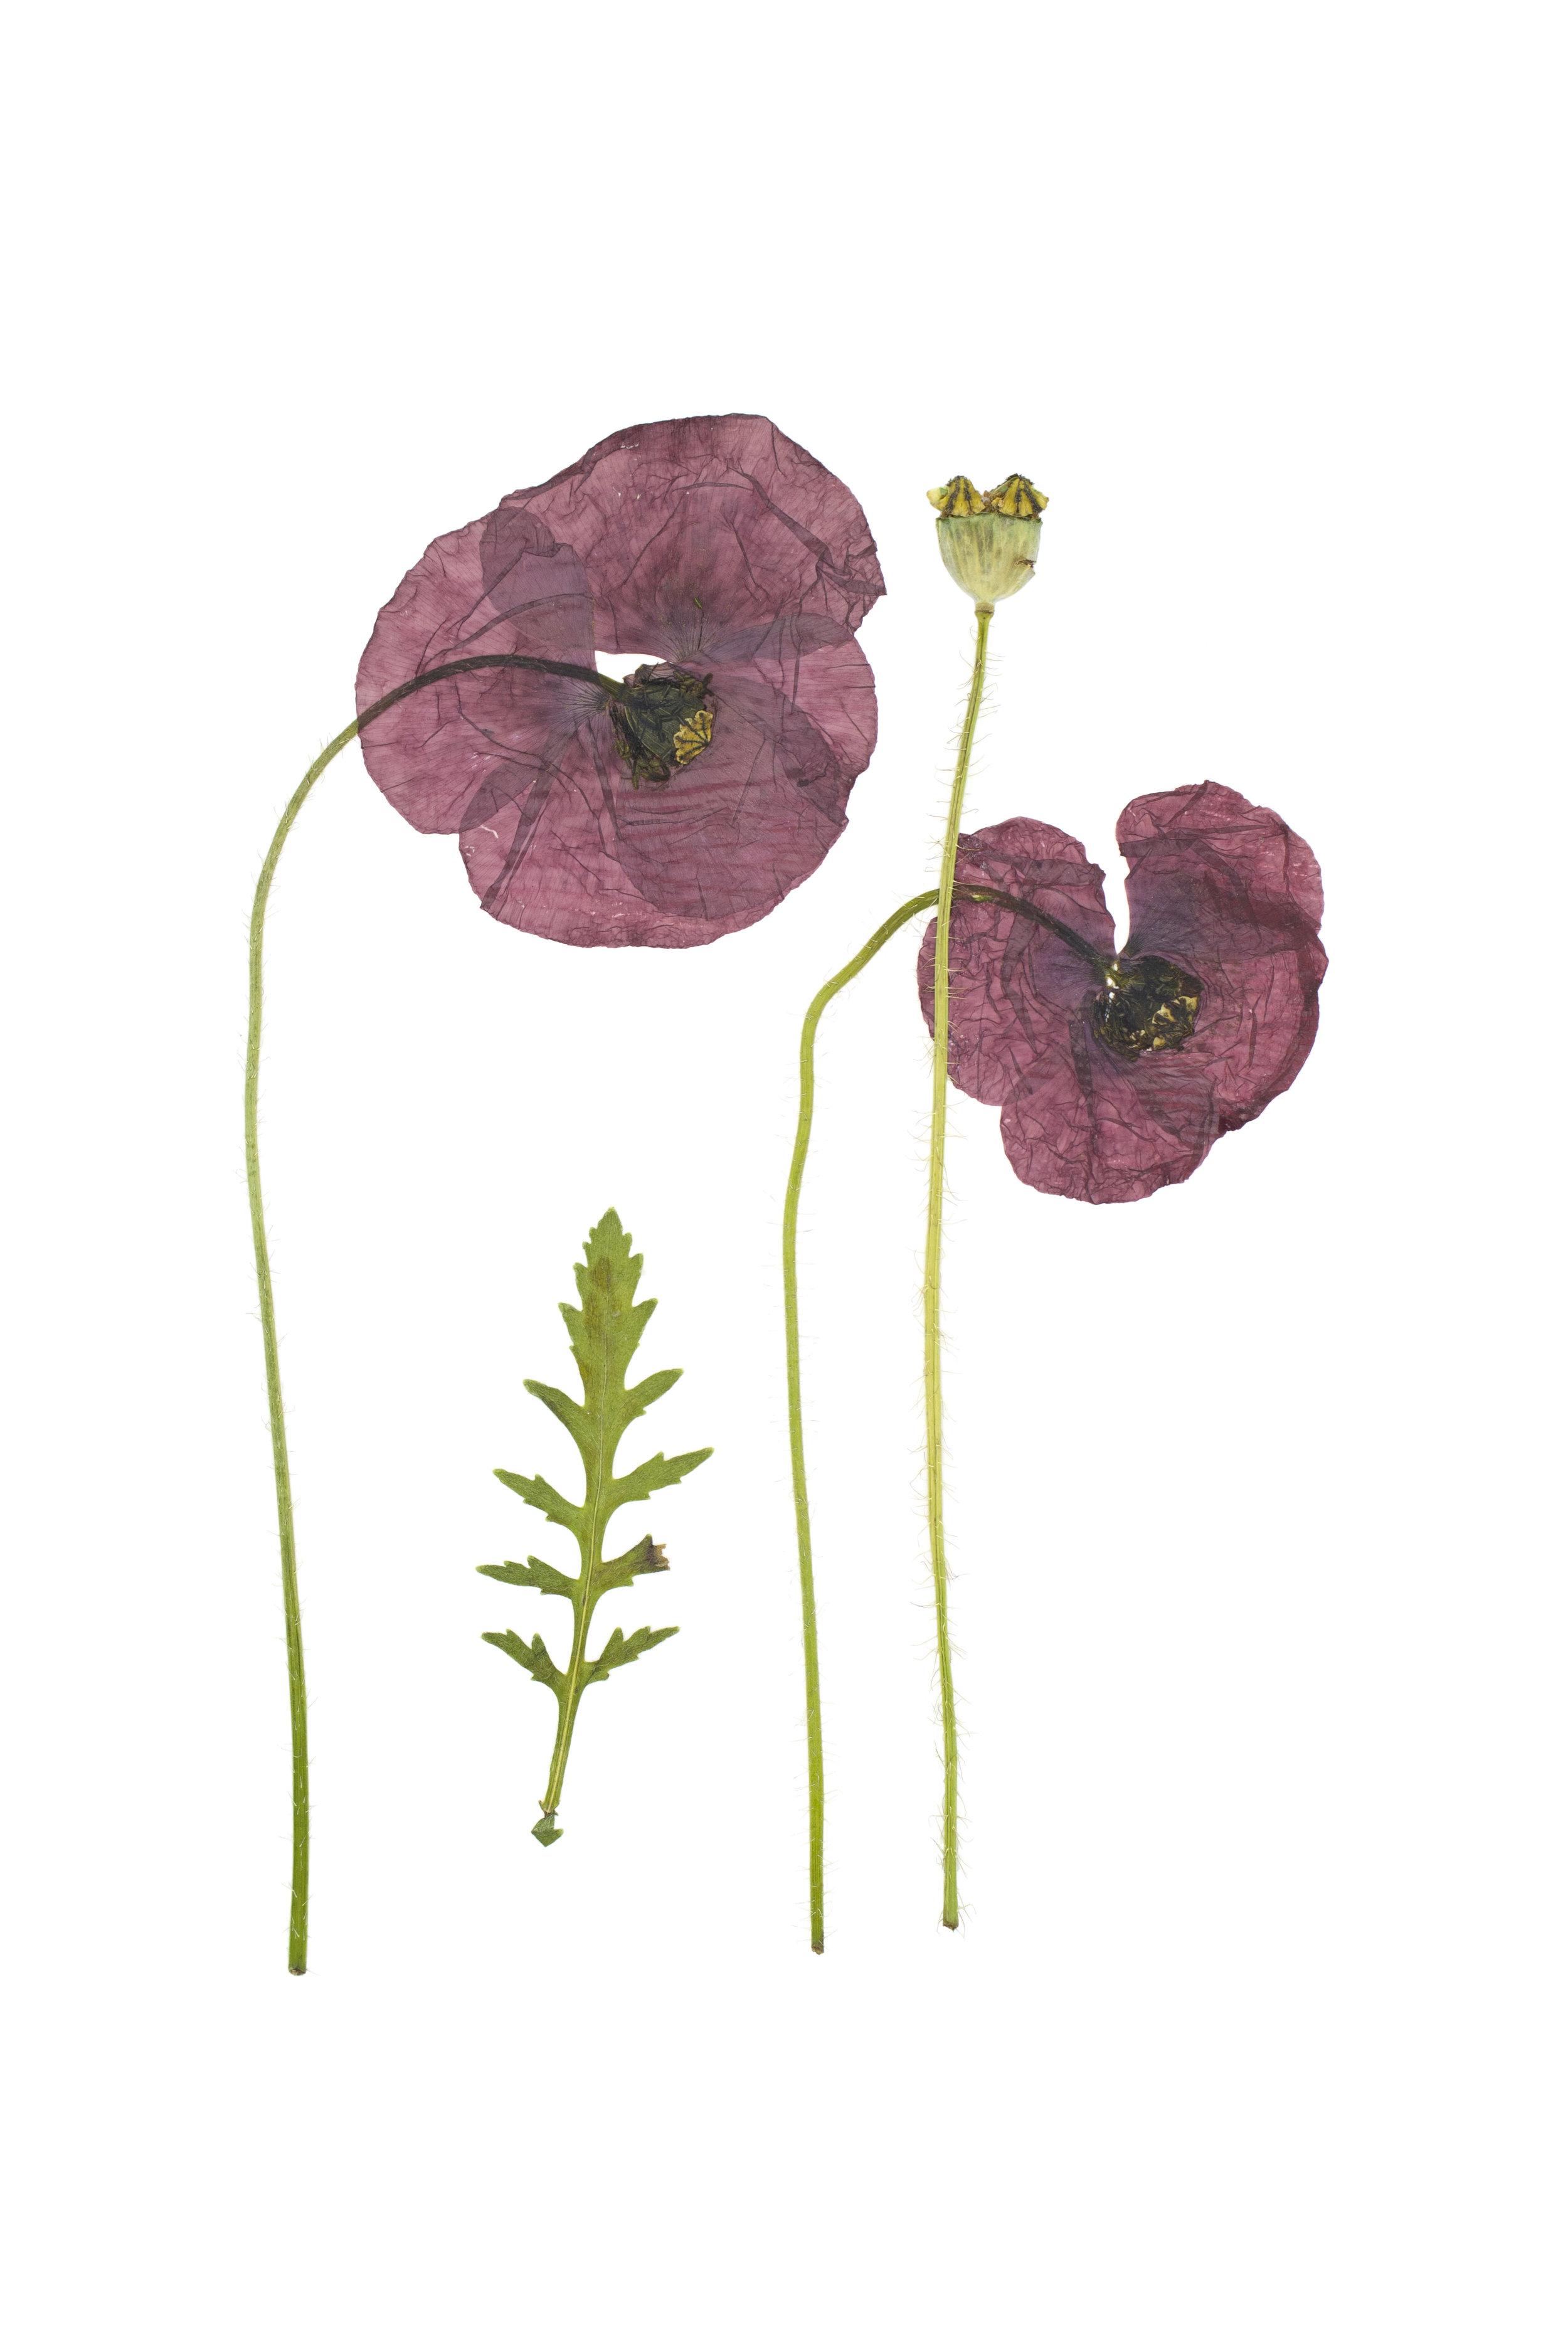 Papaver rhoeas / Field Poppy